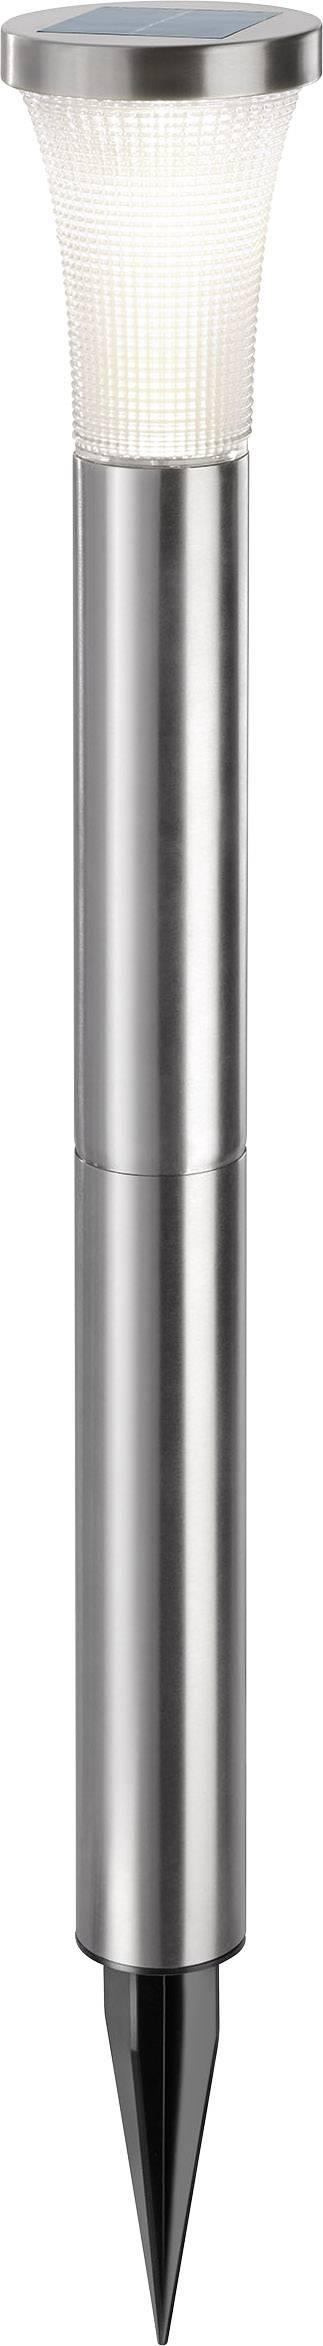 Solárne záhradnésvetlo LED teplá biela Esotec Tower Light 102603 nerezová oceľ